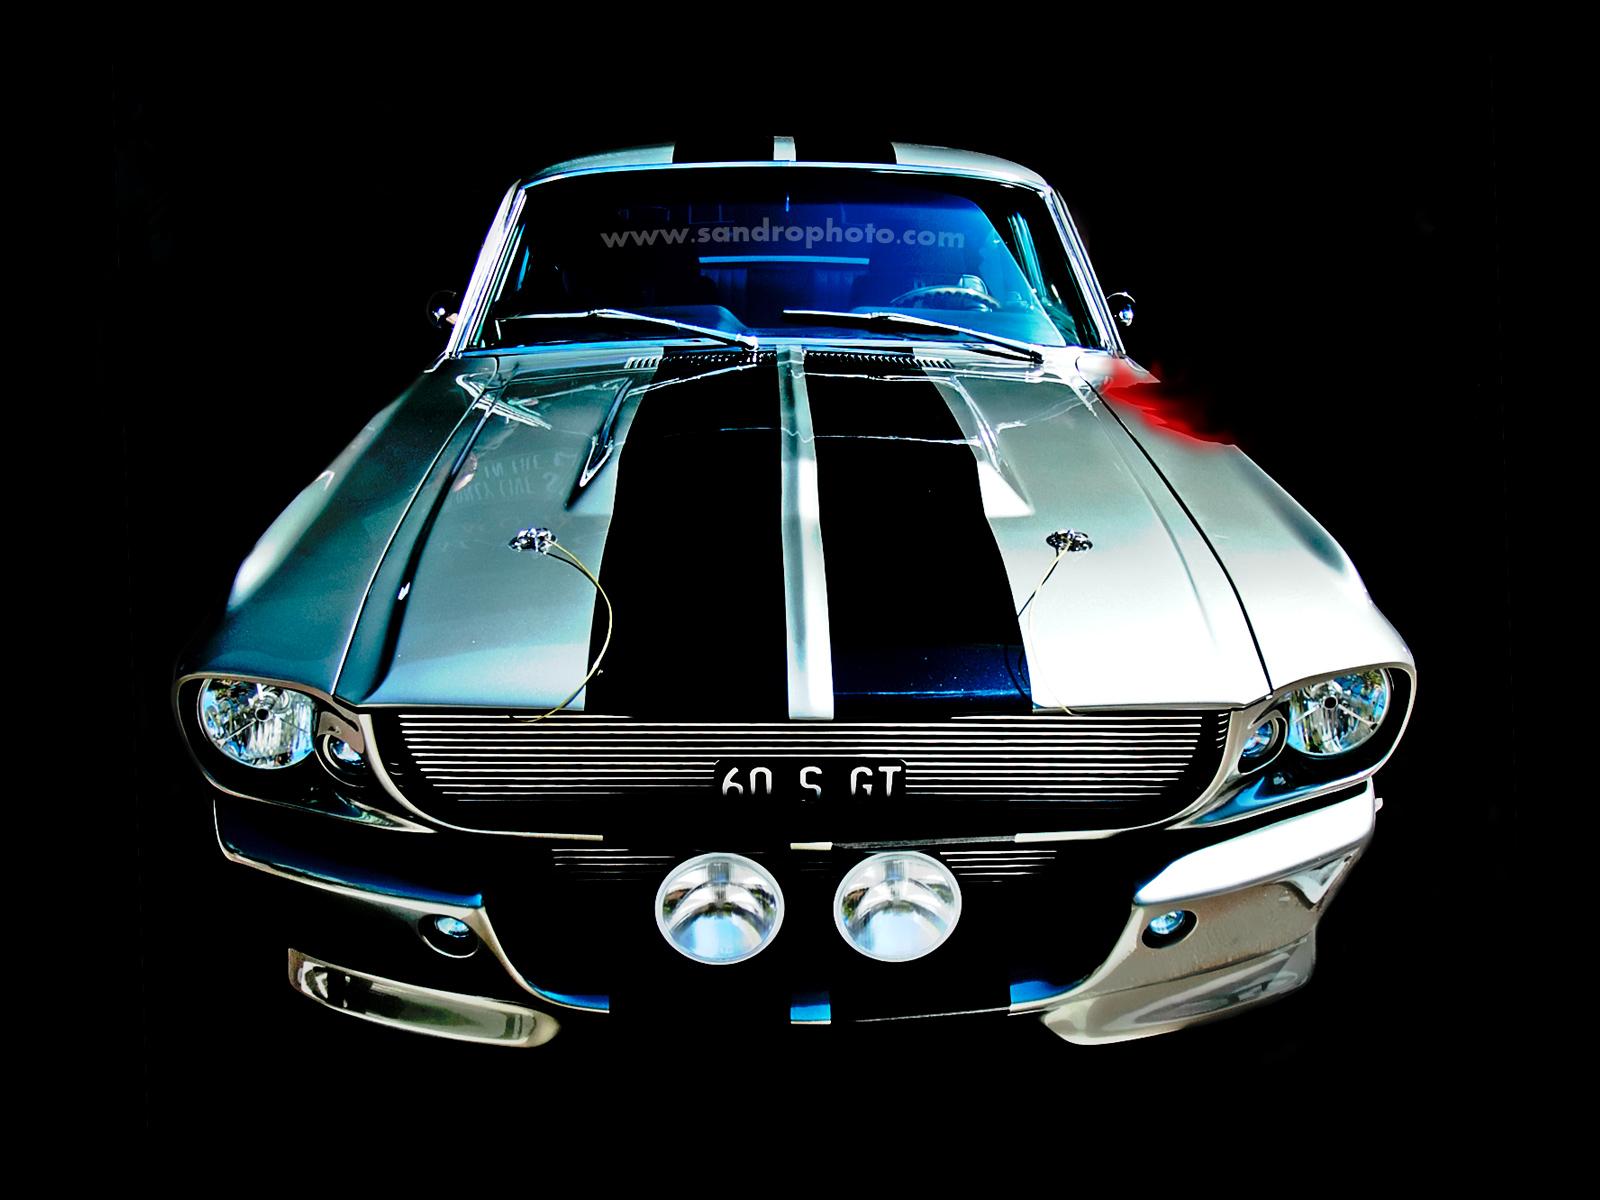 http://3.bp.blogspot.com/-ZyvK6G8m1JM/URy---e2gaI/AAAAAAAAB7E/40F231n0lm4/s1600/muscle+car+wallpaper-3.jpg